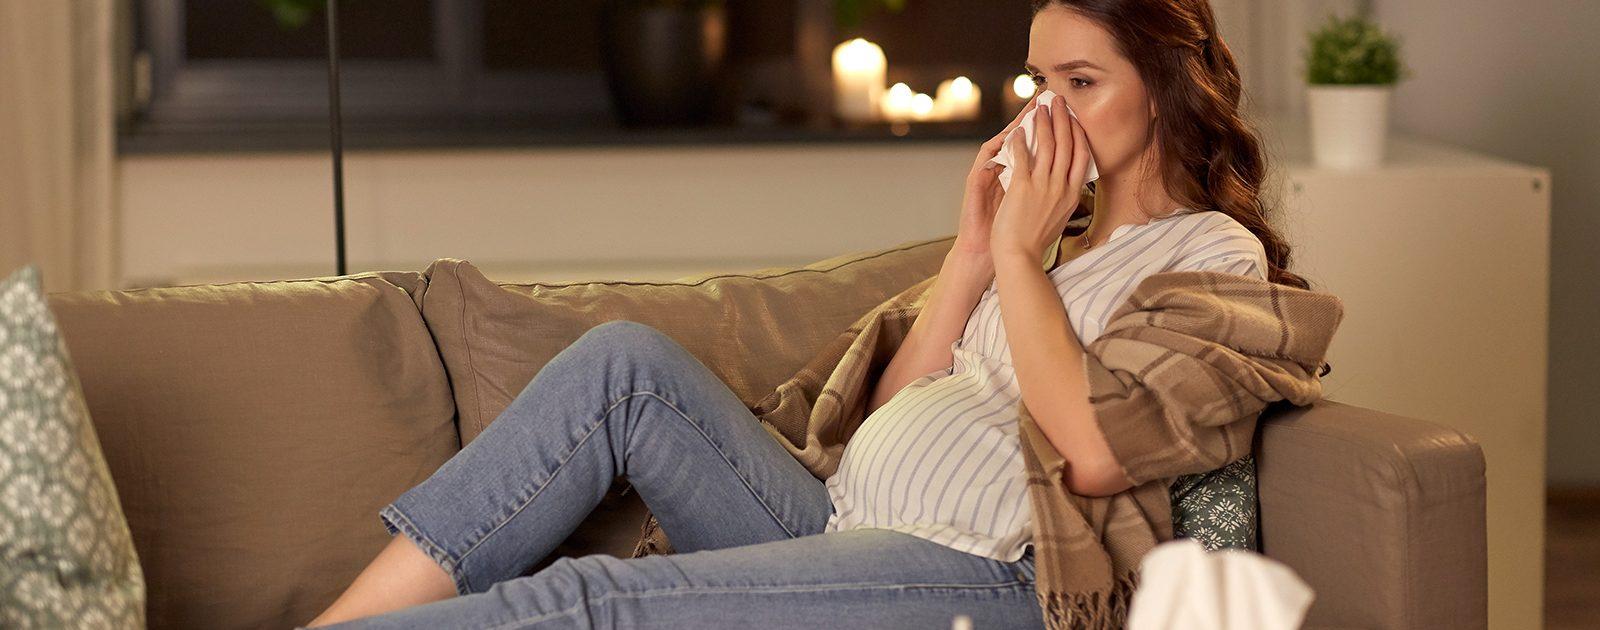 Schwangere Frau leidet an einer Schwangerschaftsrhinitis und muss sich die Nase putzen.